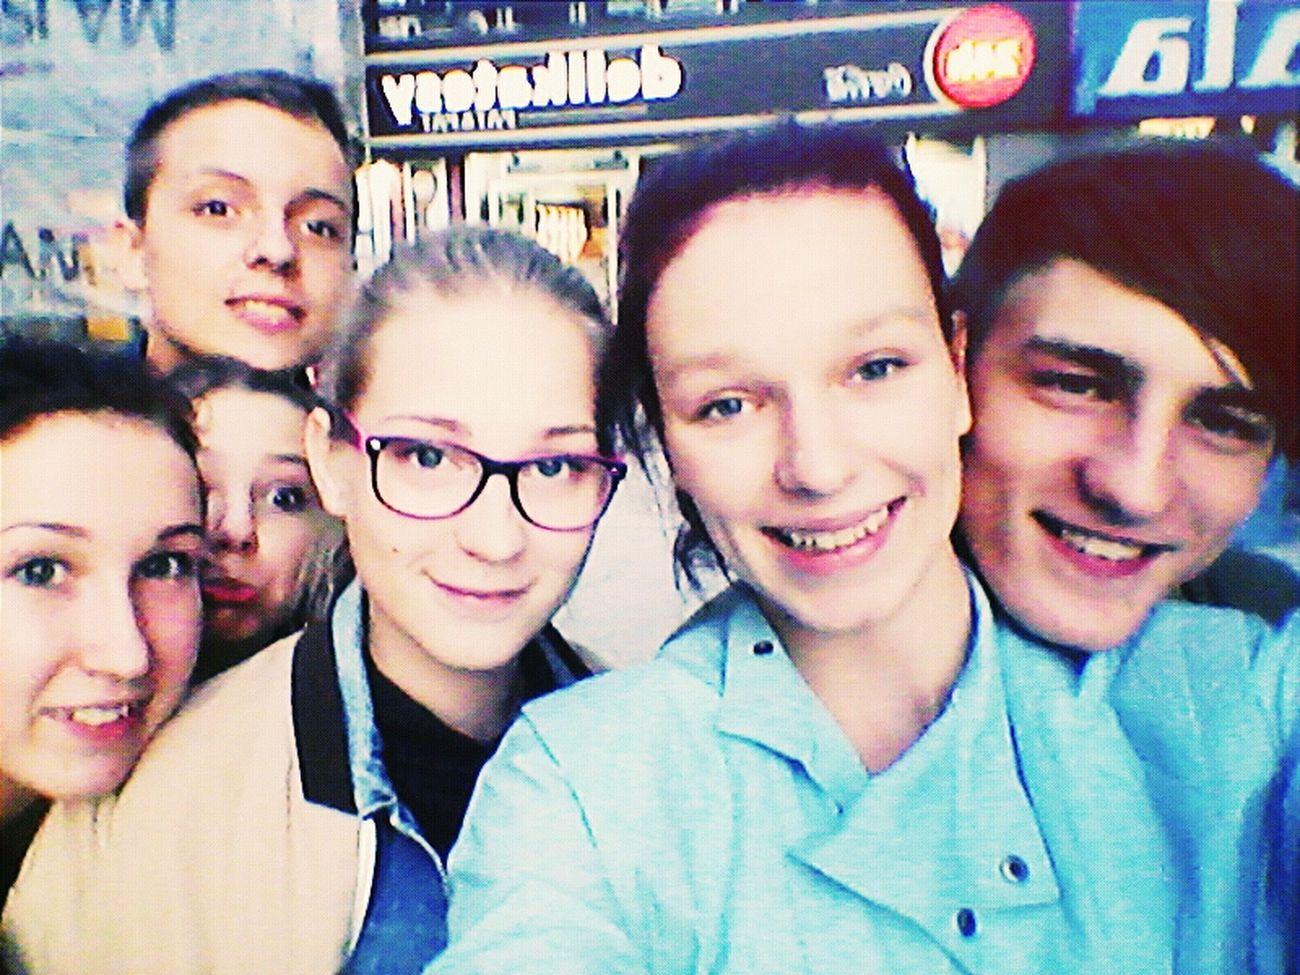 DANCE ♥ MOVIE Actors I Like It ;3 sława Warszawa nagrywamy, Kinga Preis, Kuba ♡ zmęczeni ale jest dobrze